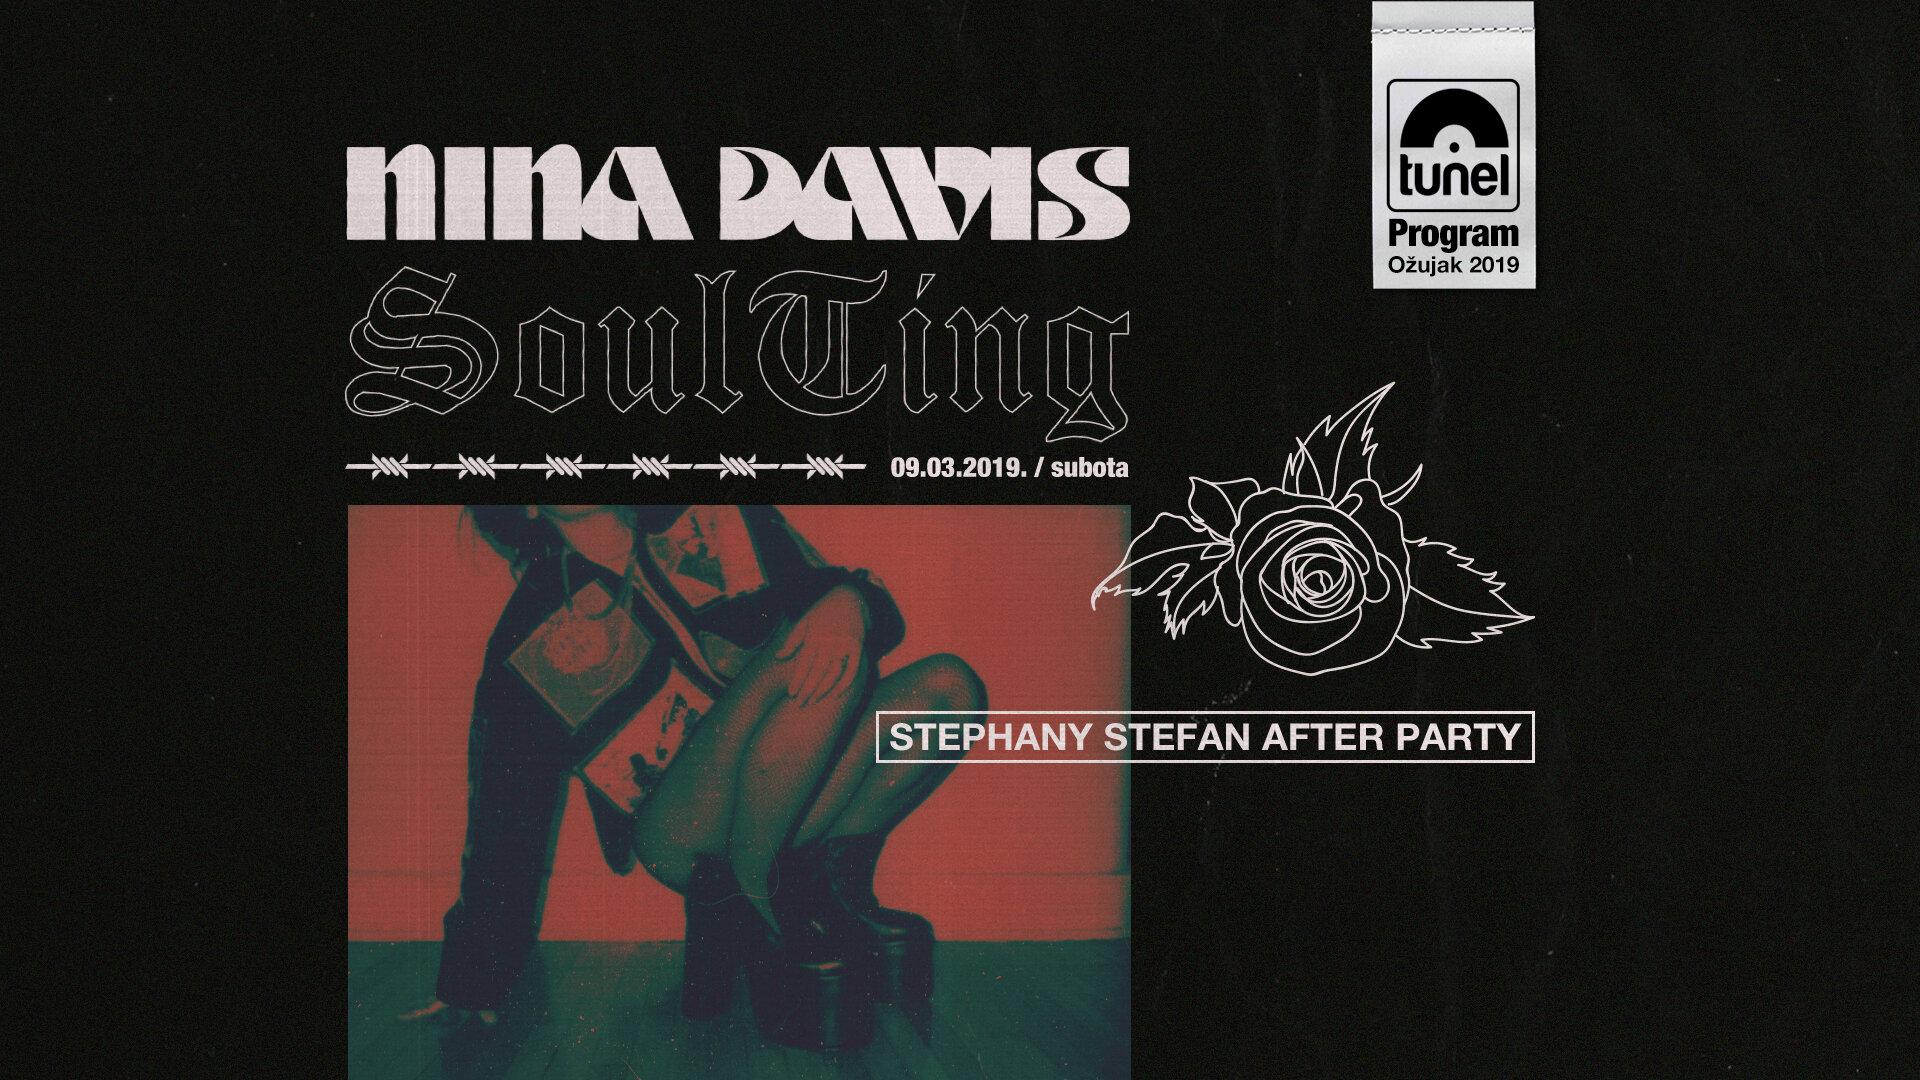 tunel-nina-davis-soul-ting2.jpg